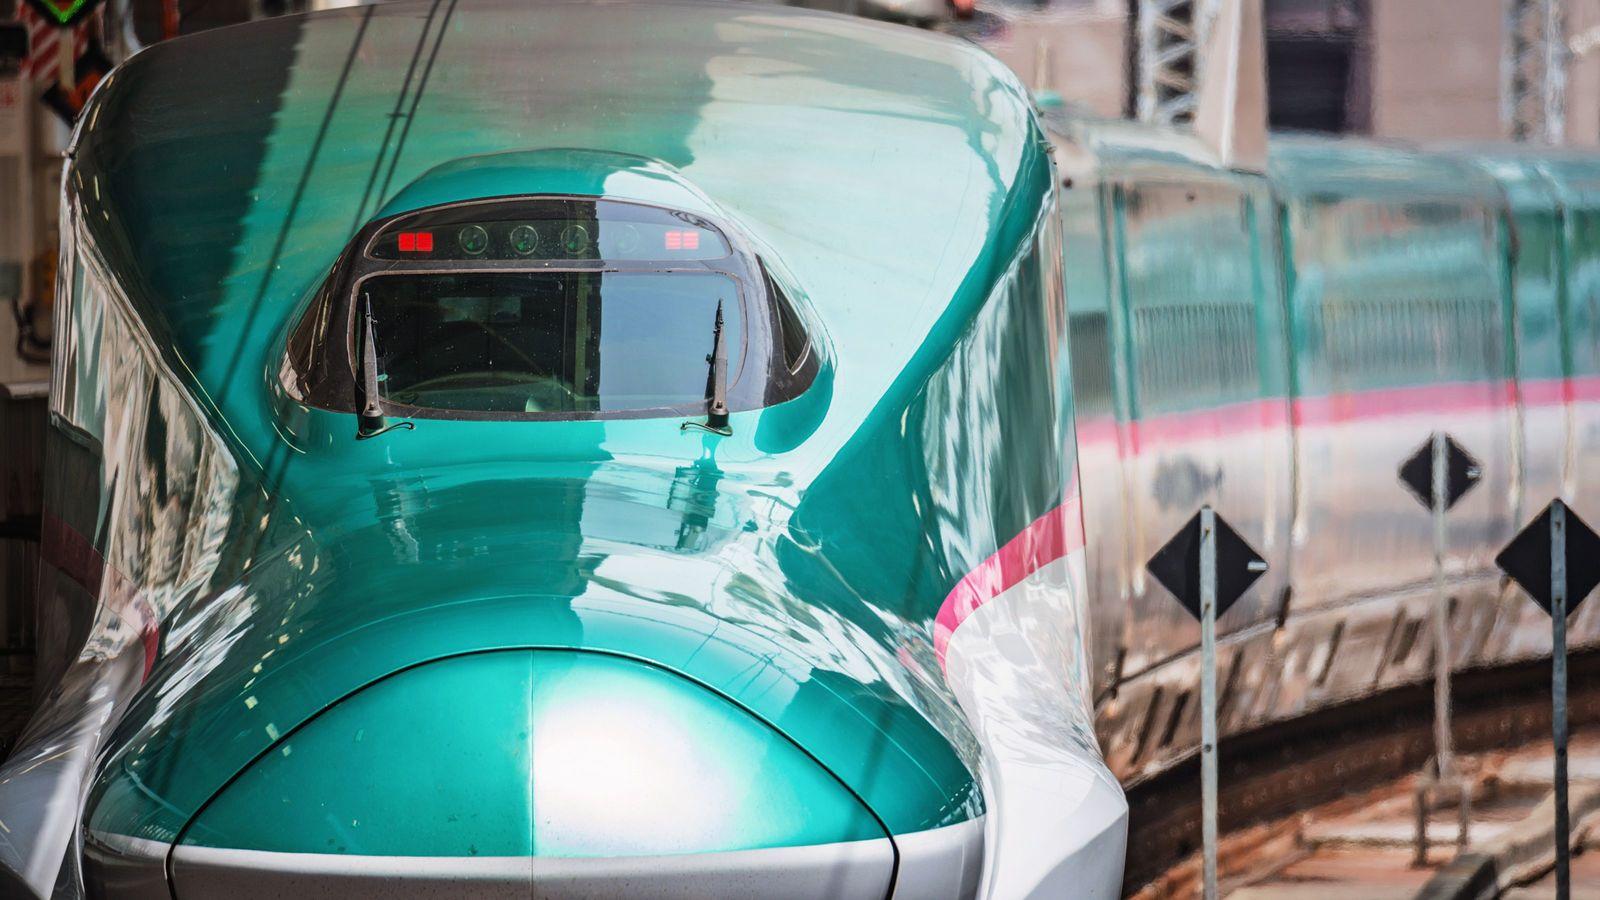 新幹線が5000円以上安くなる「きっぷ」の裏ワザ 普通運賃で買うのはもったいない